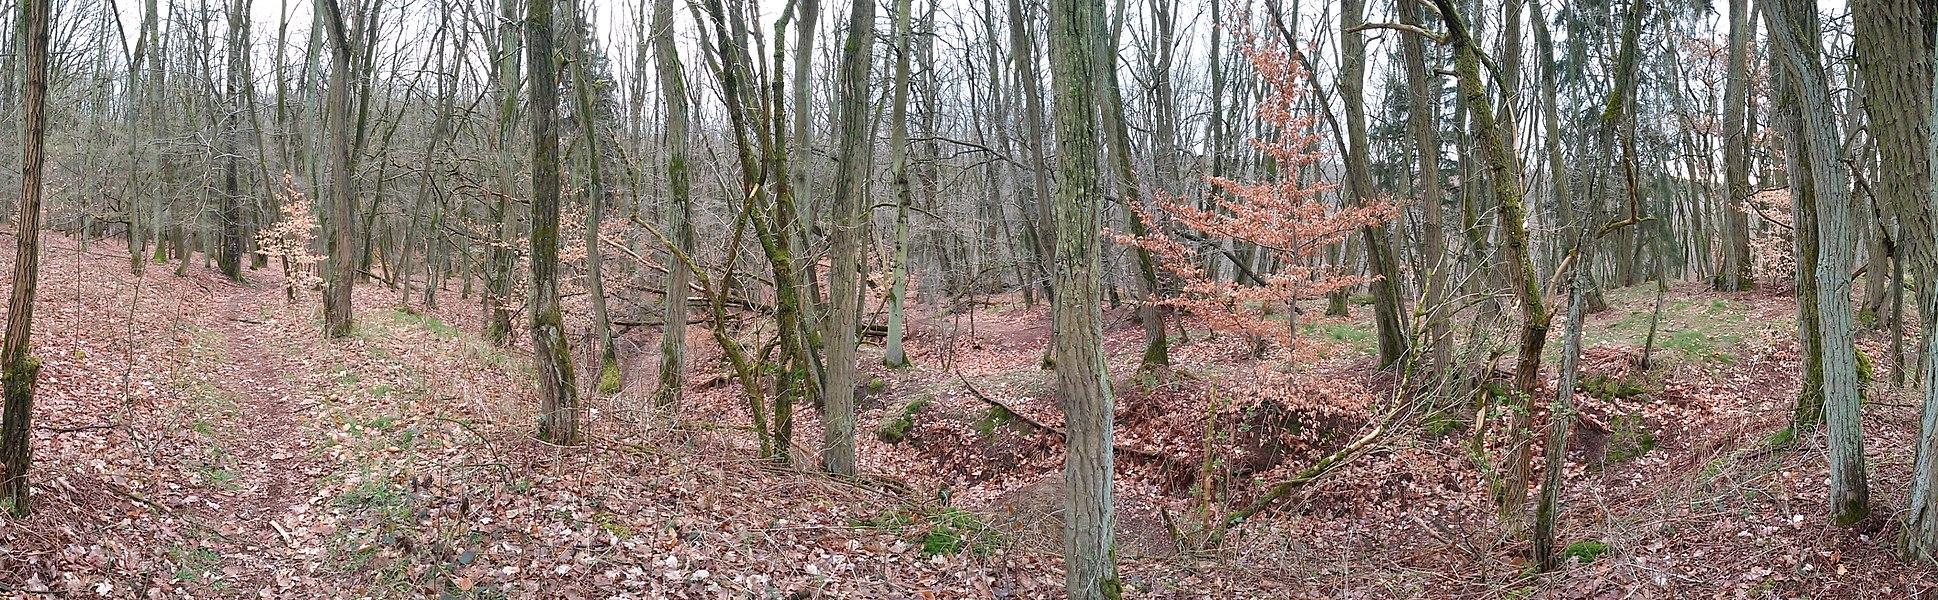 Robinienwald an der Landesgrenze